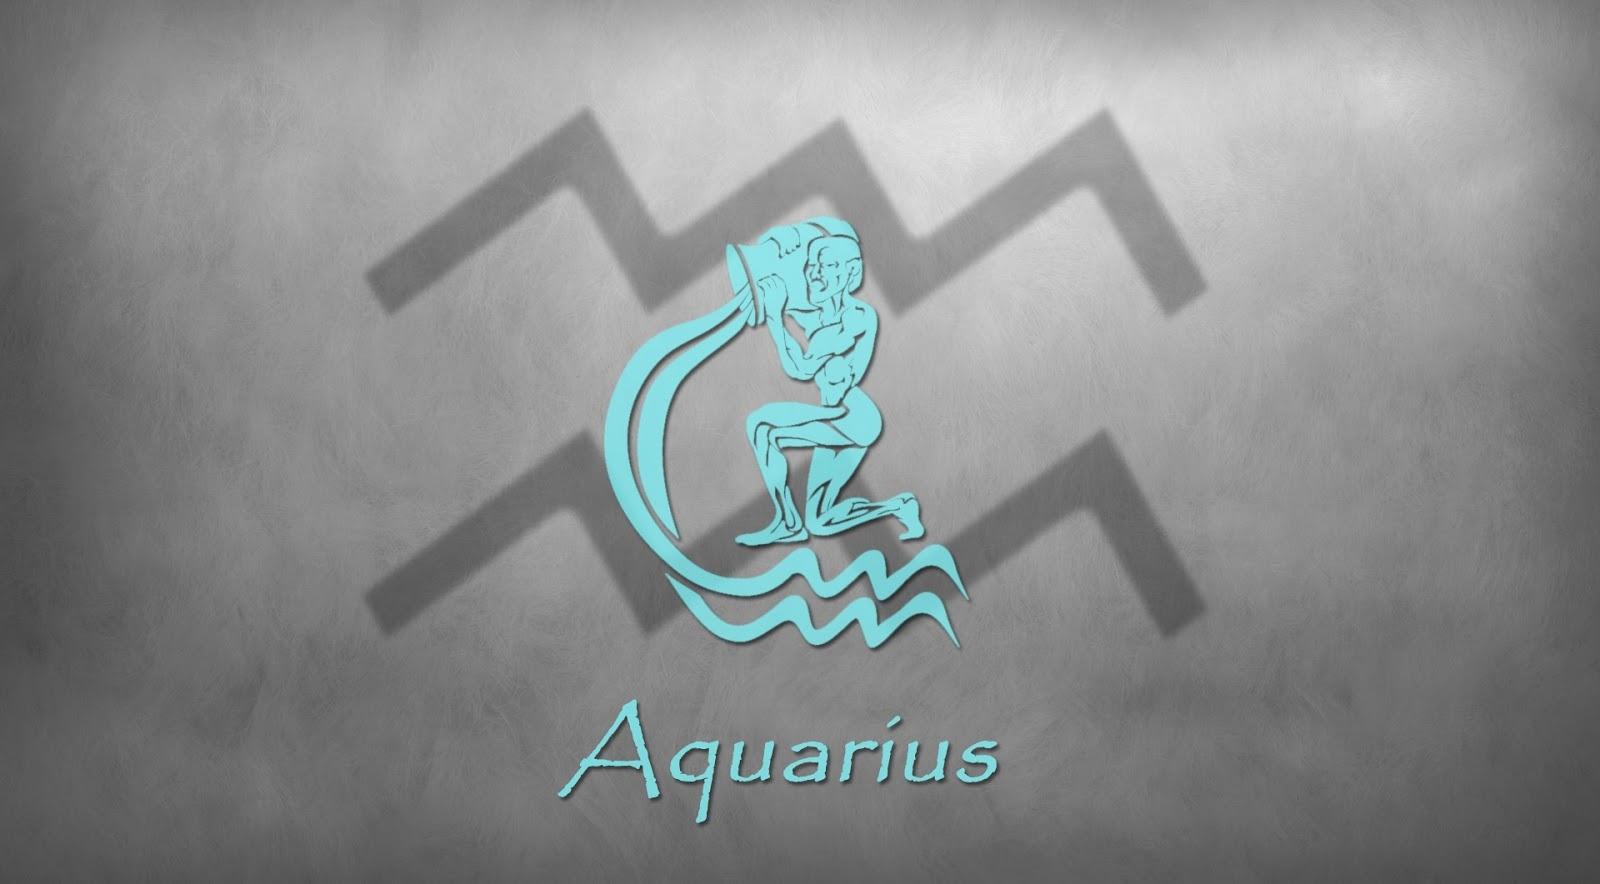 La cita perfecta para cada signo zodiacal for Horoscopo para acuario